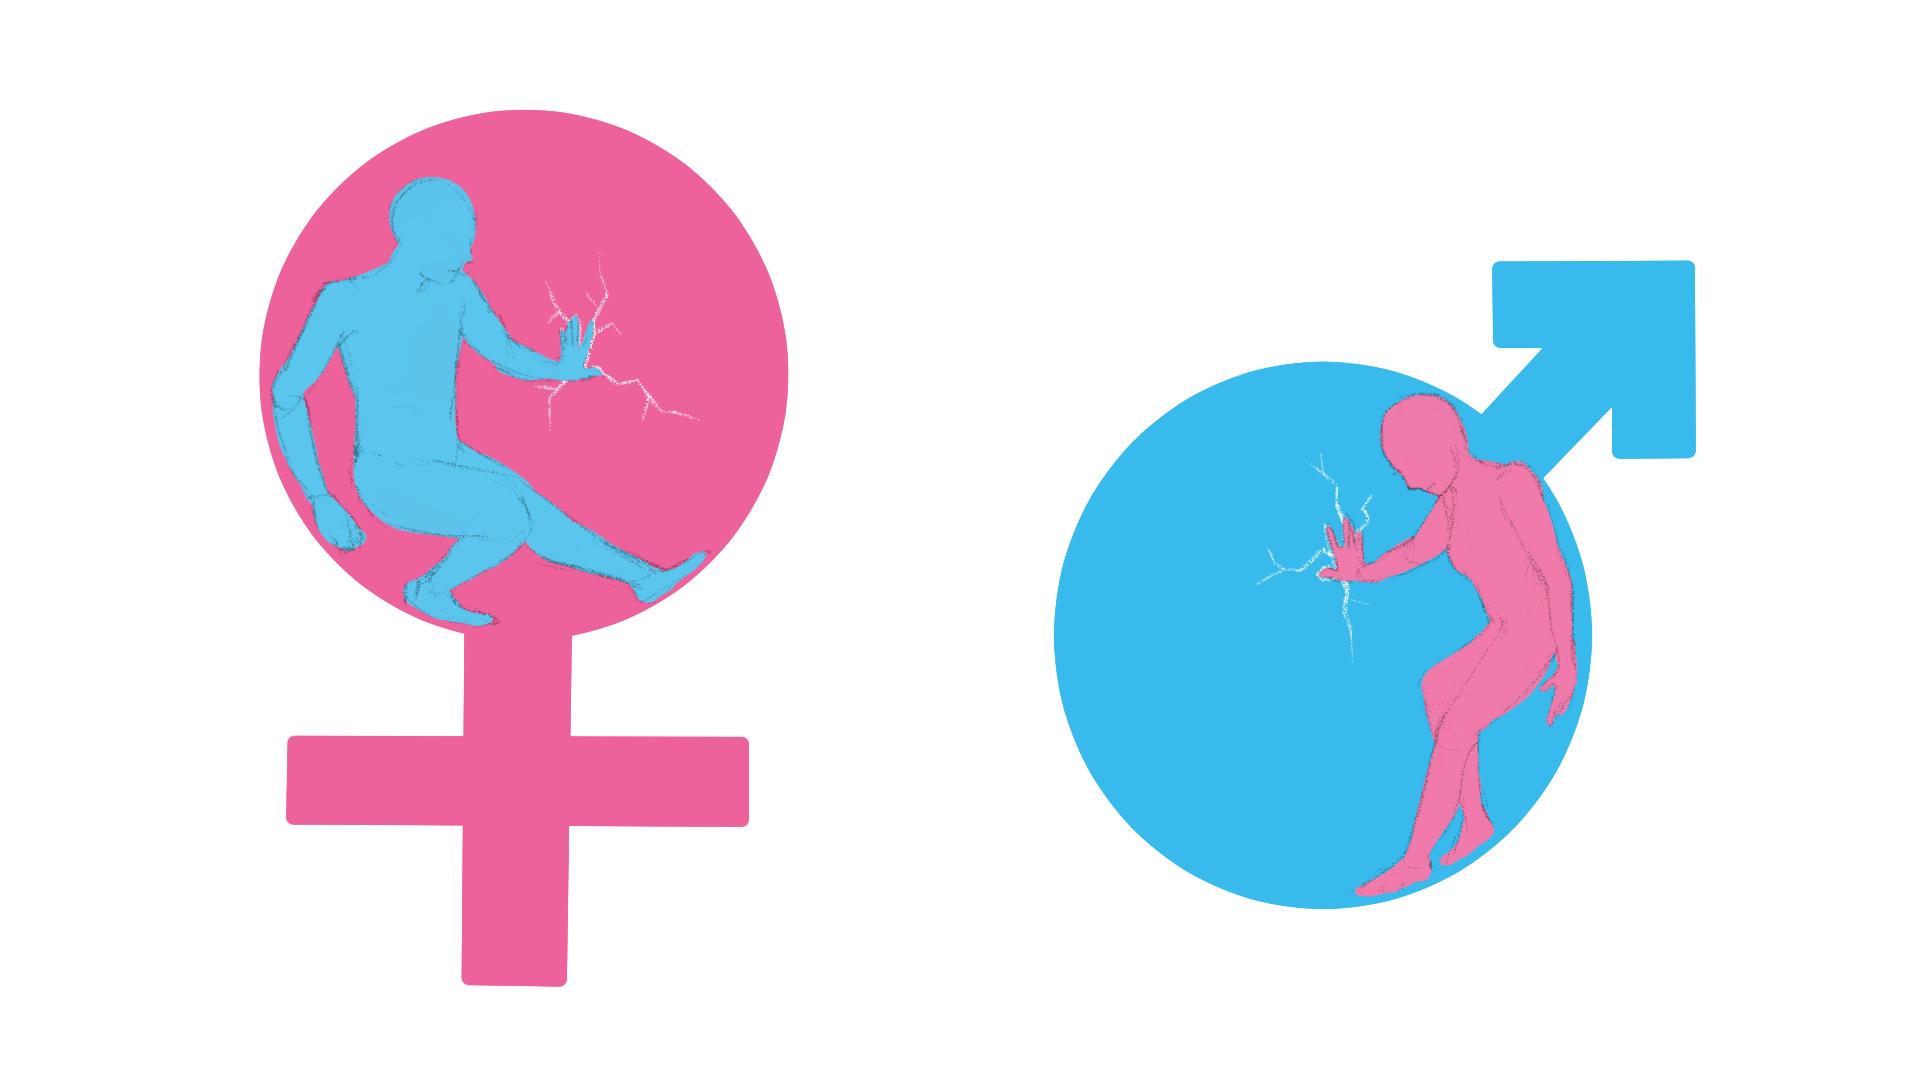 Bez osuda i diskriminacije ili mali rječnik transrodne terminologije